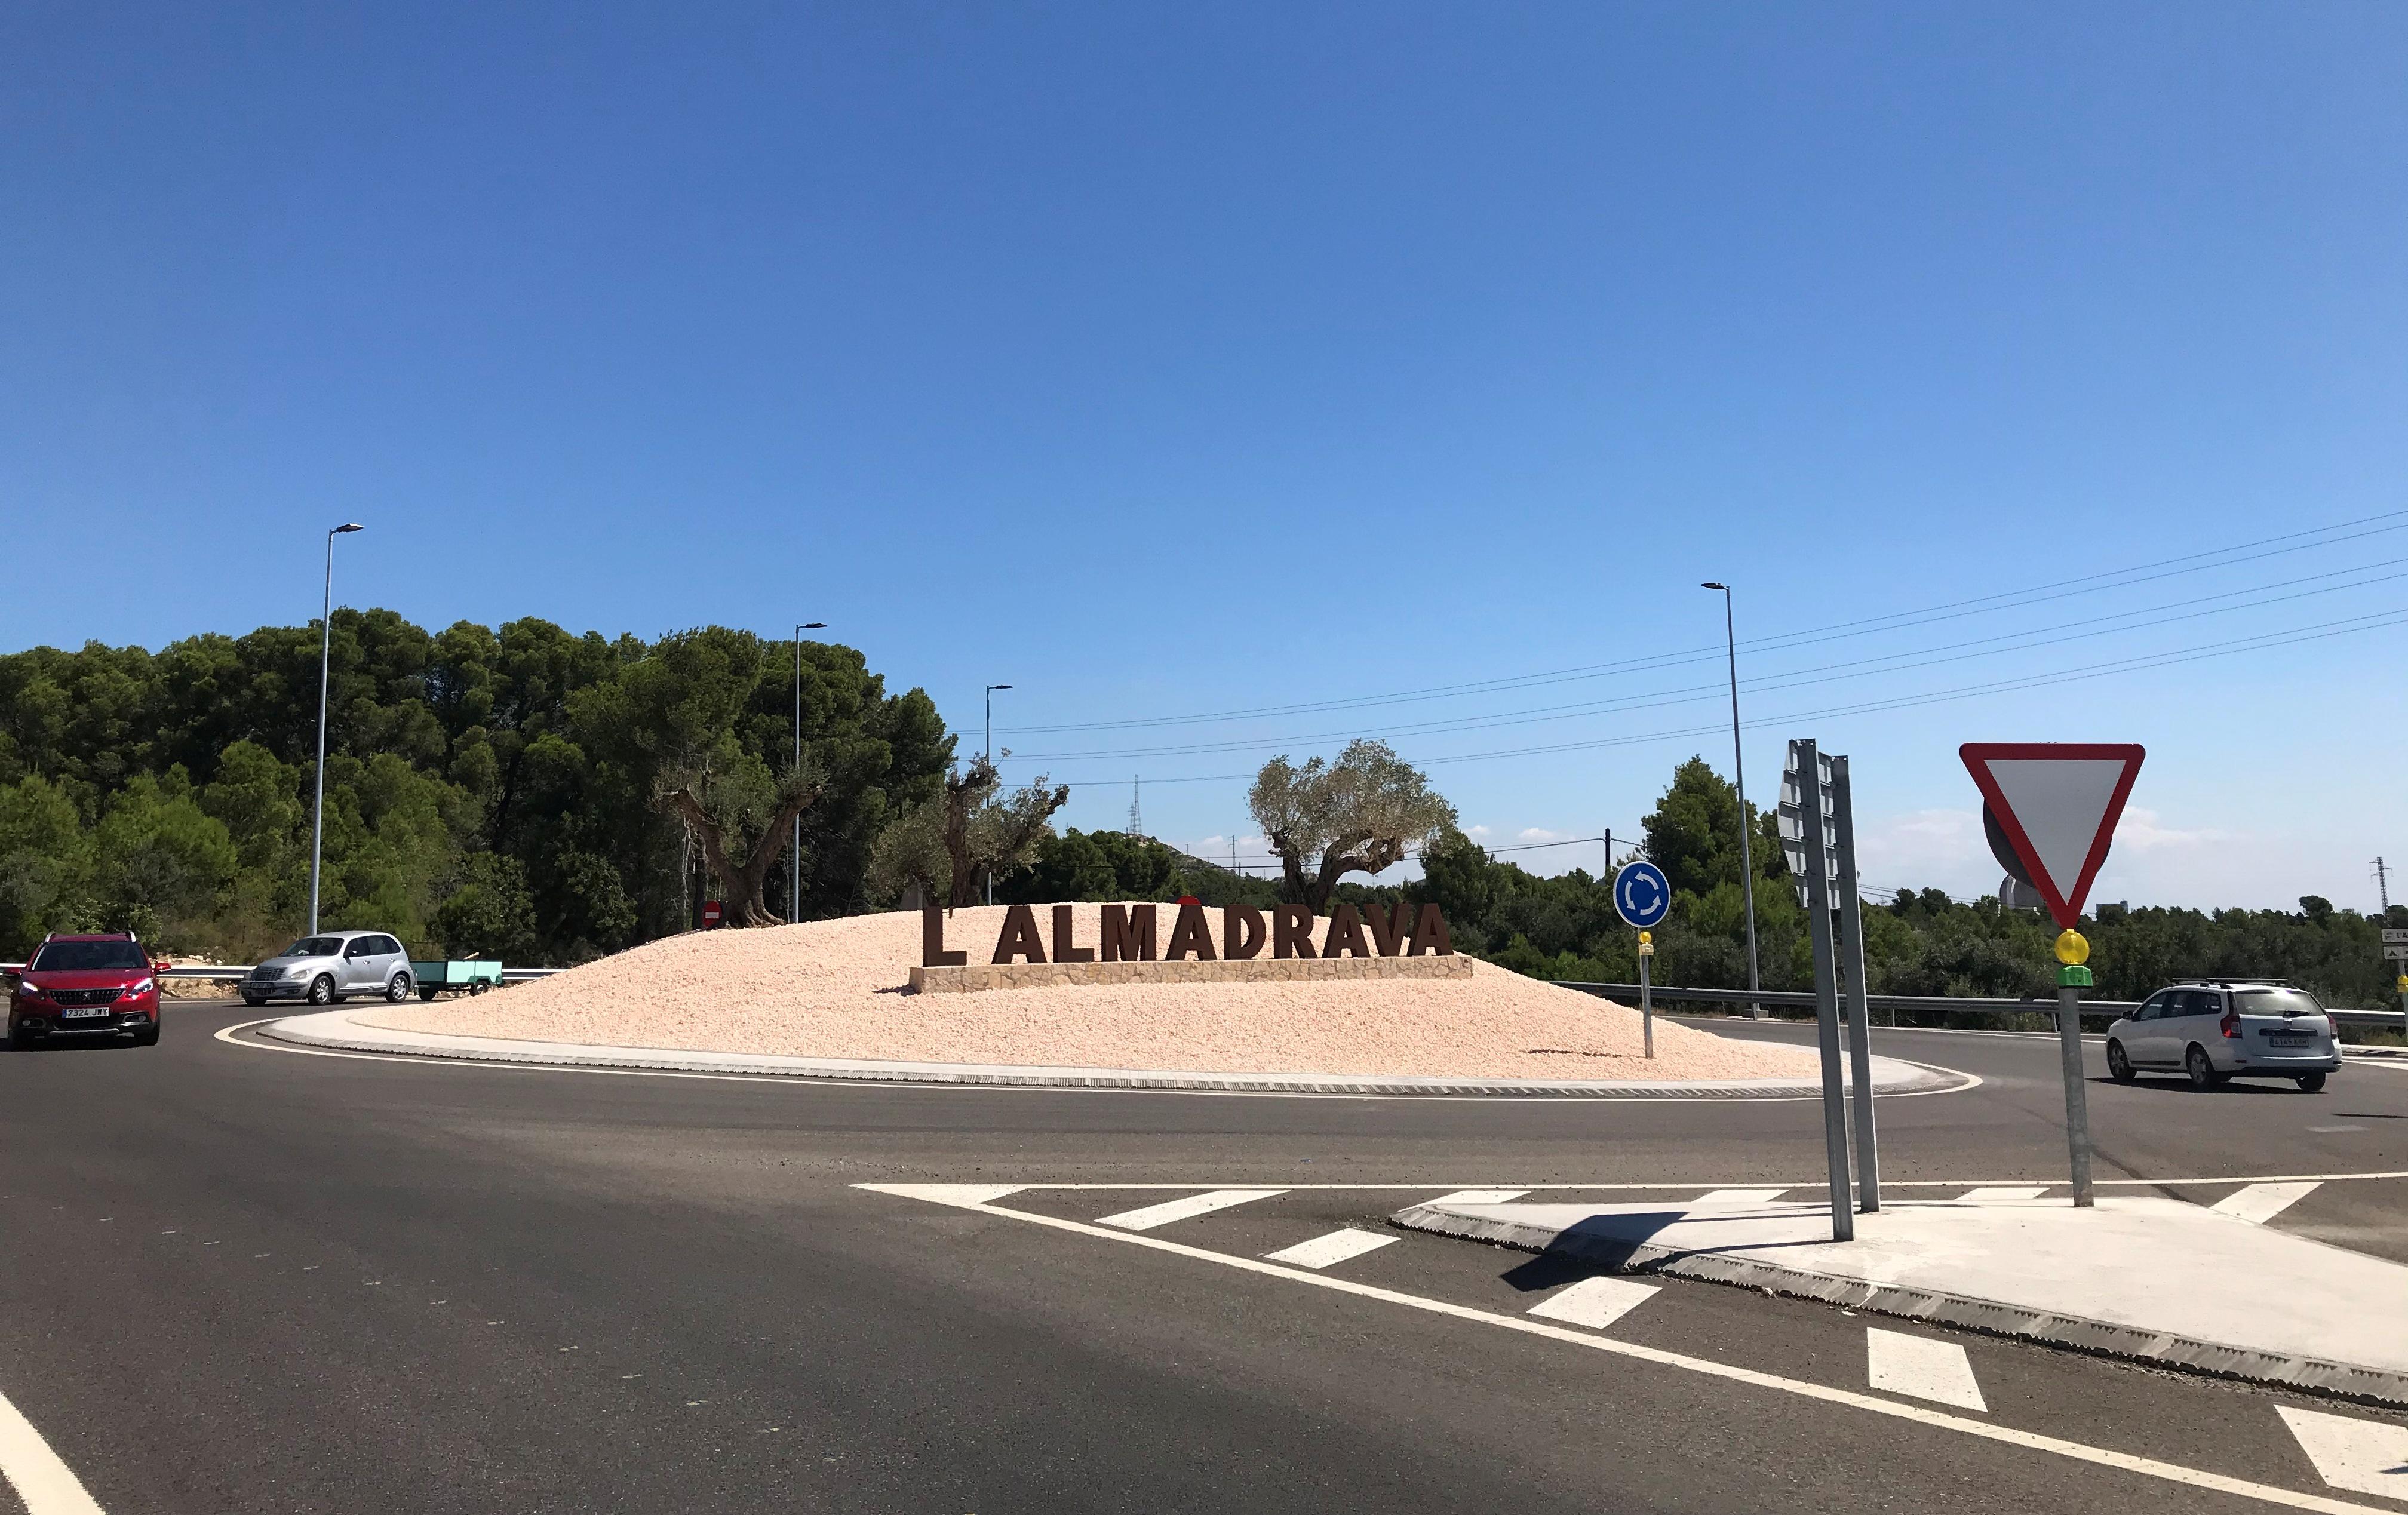 Imatge de la rotonda d'accés a l'Almadrava